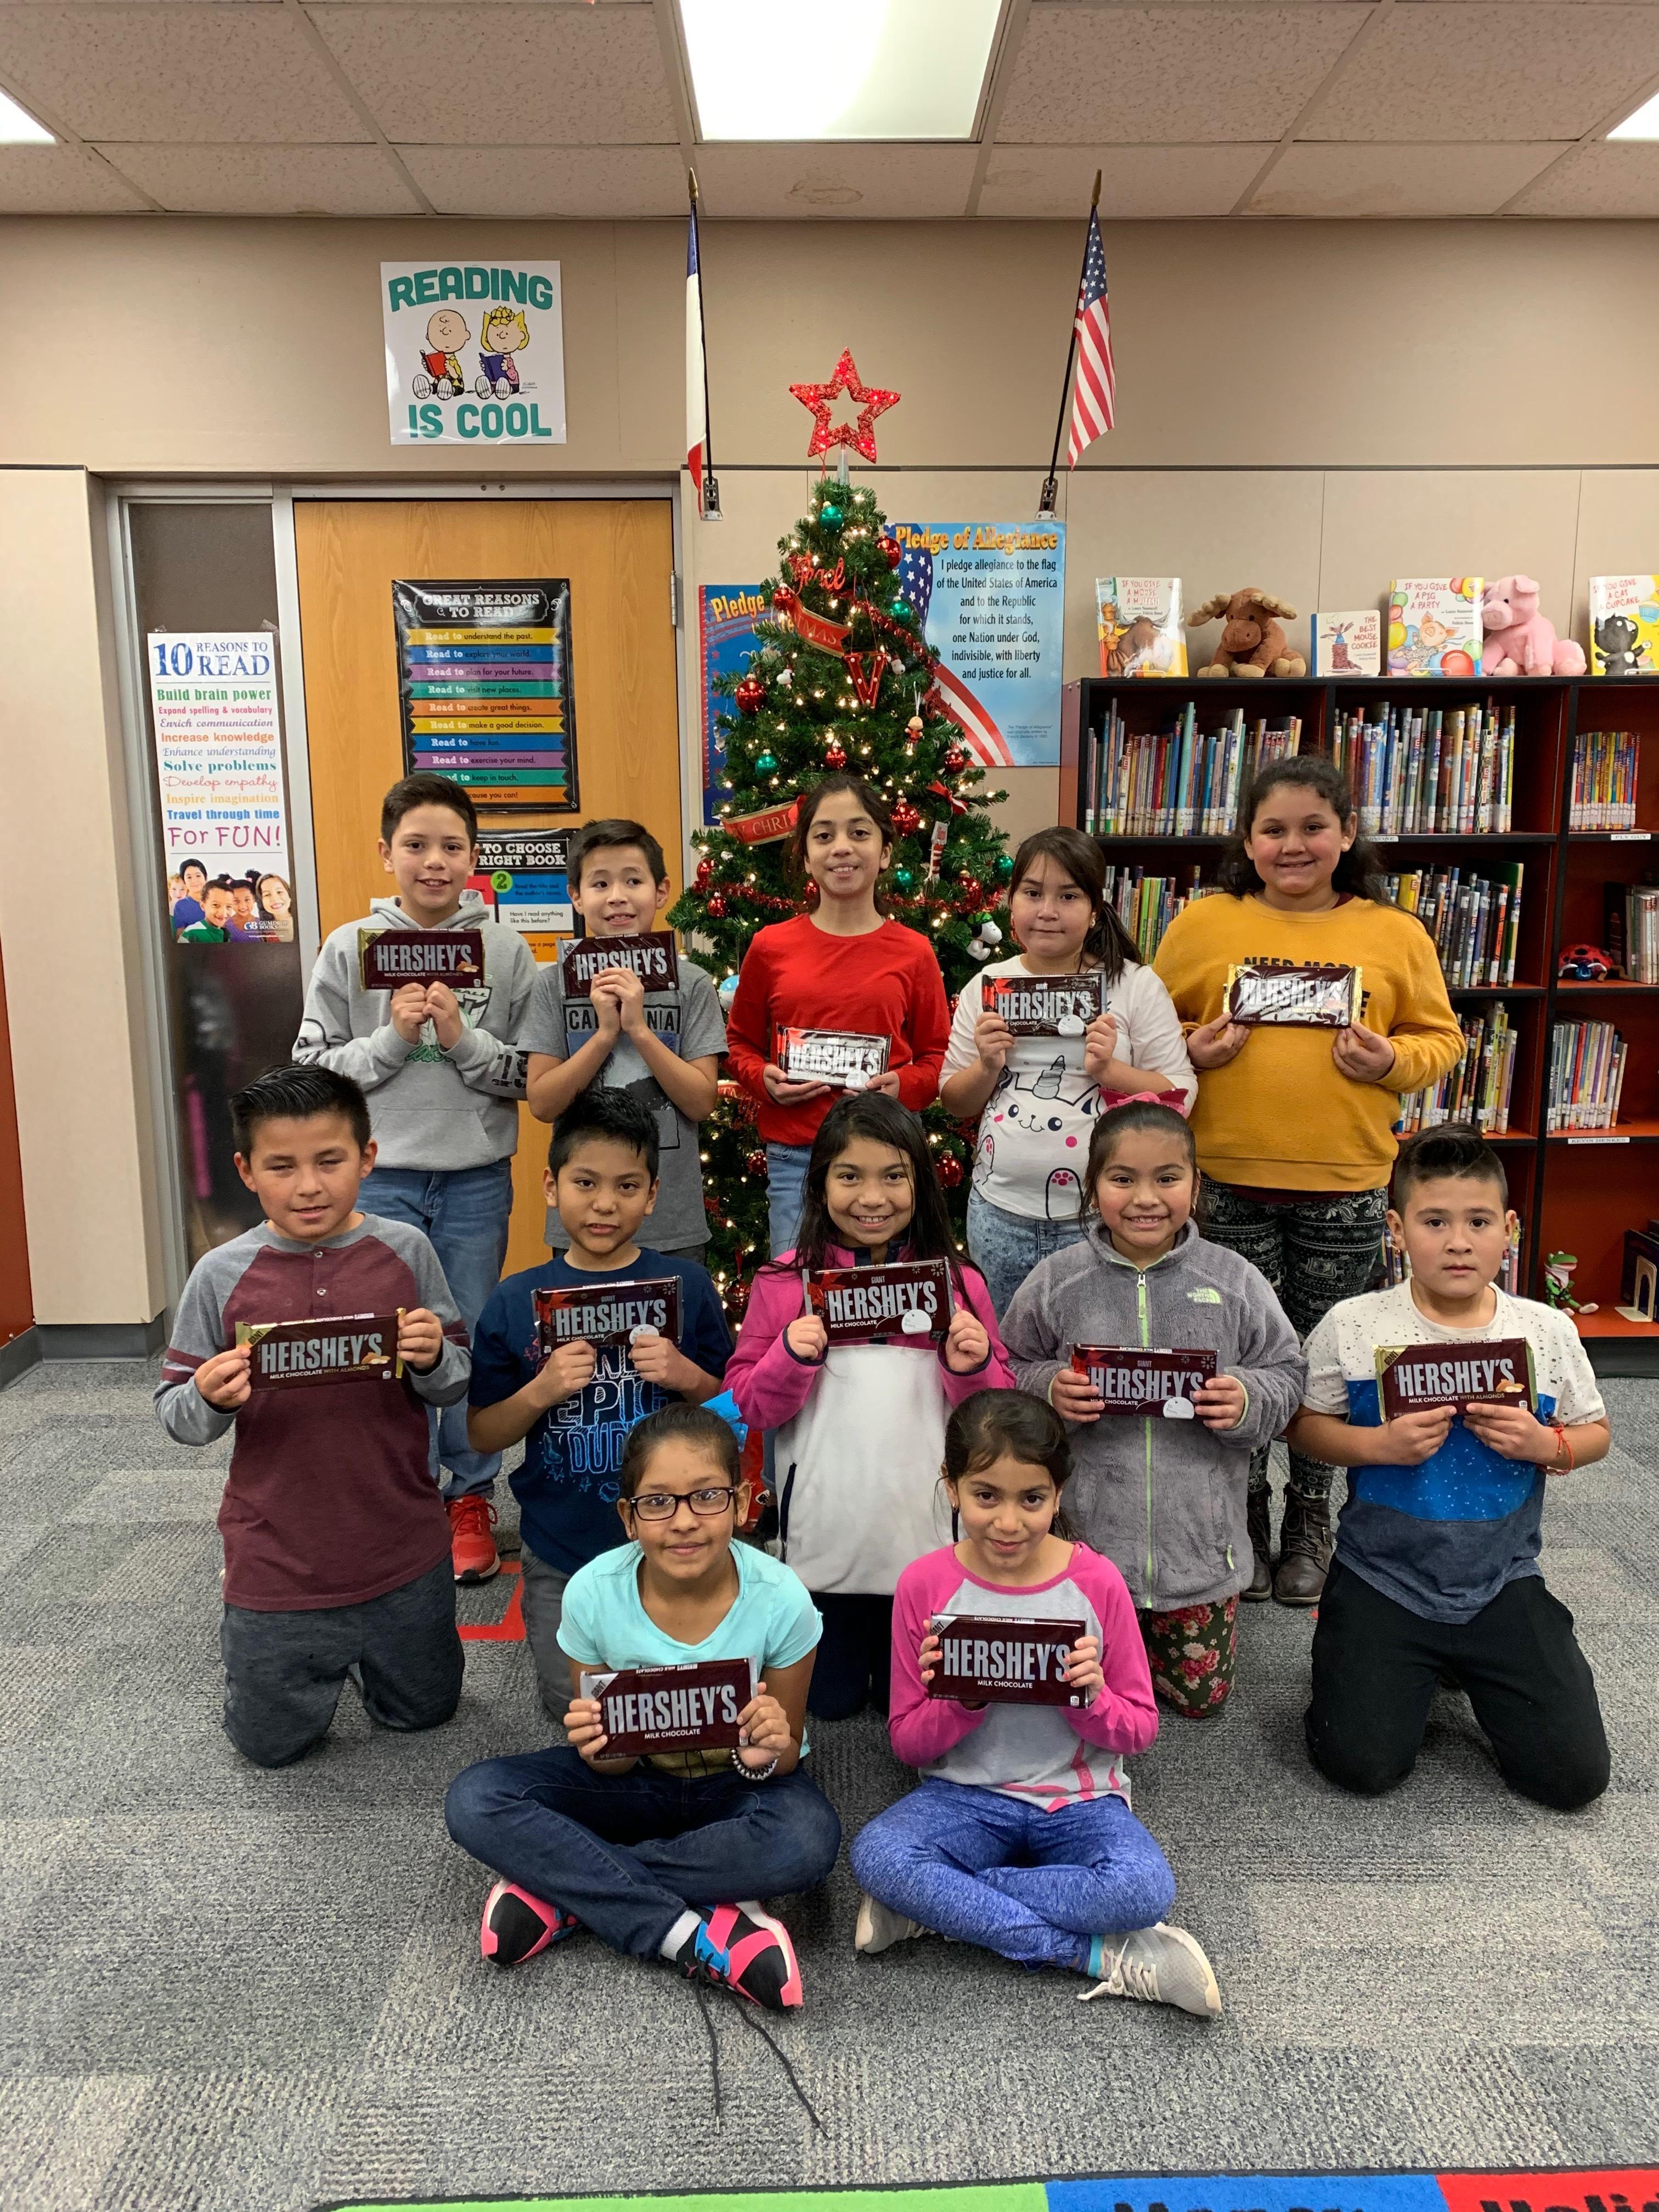 Mrs. Hawkin's Class. Most Words read Dec. 2 - 18, 2019.